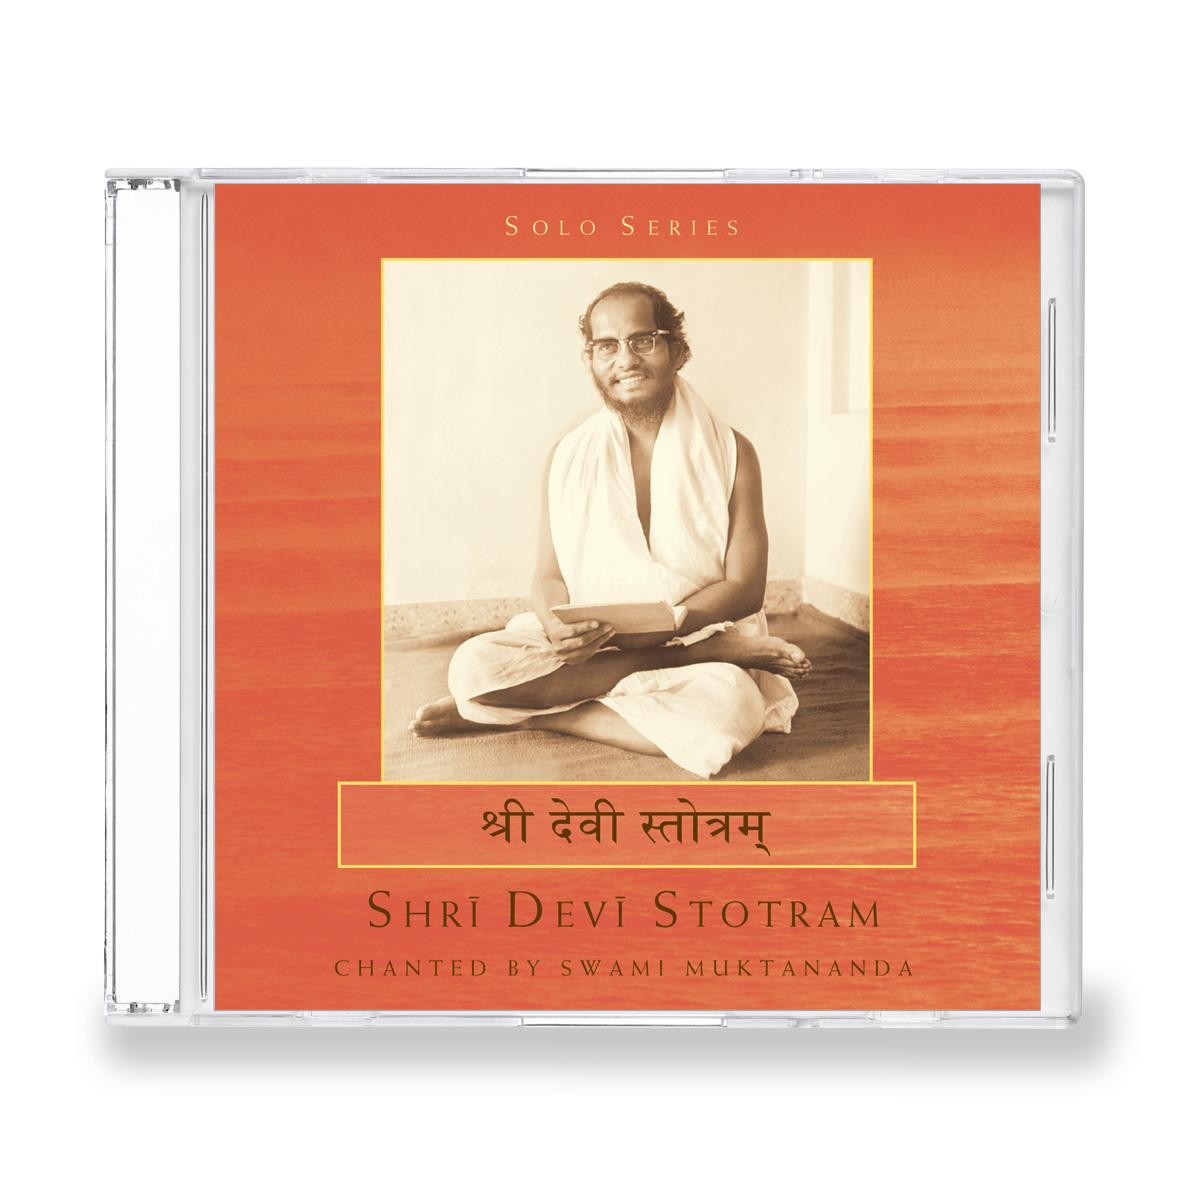 CD - Om Namo Bhagavate Muktanandaya (Ganeshpuri Version)